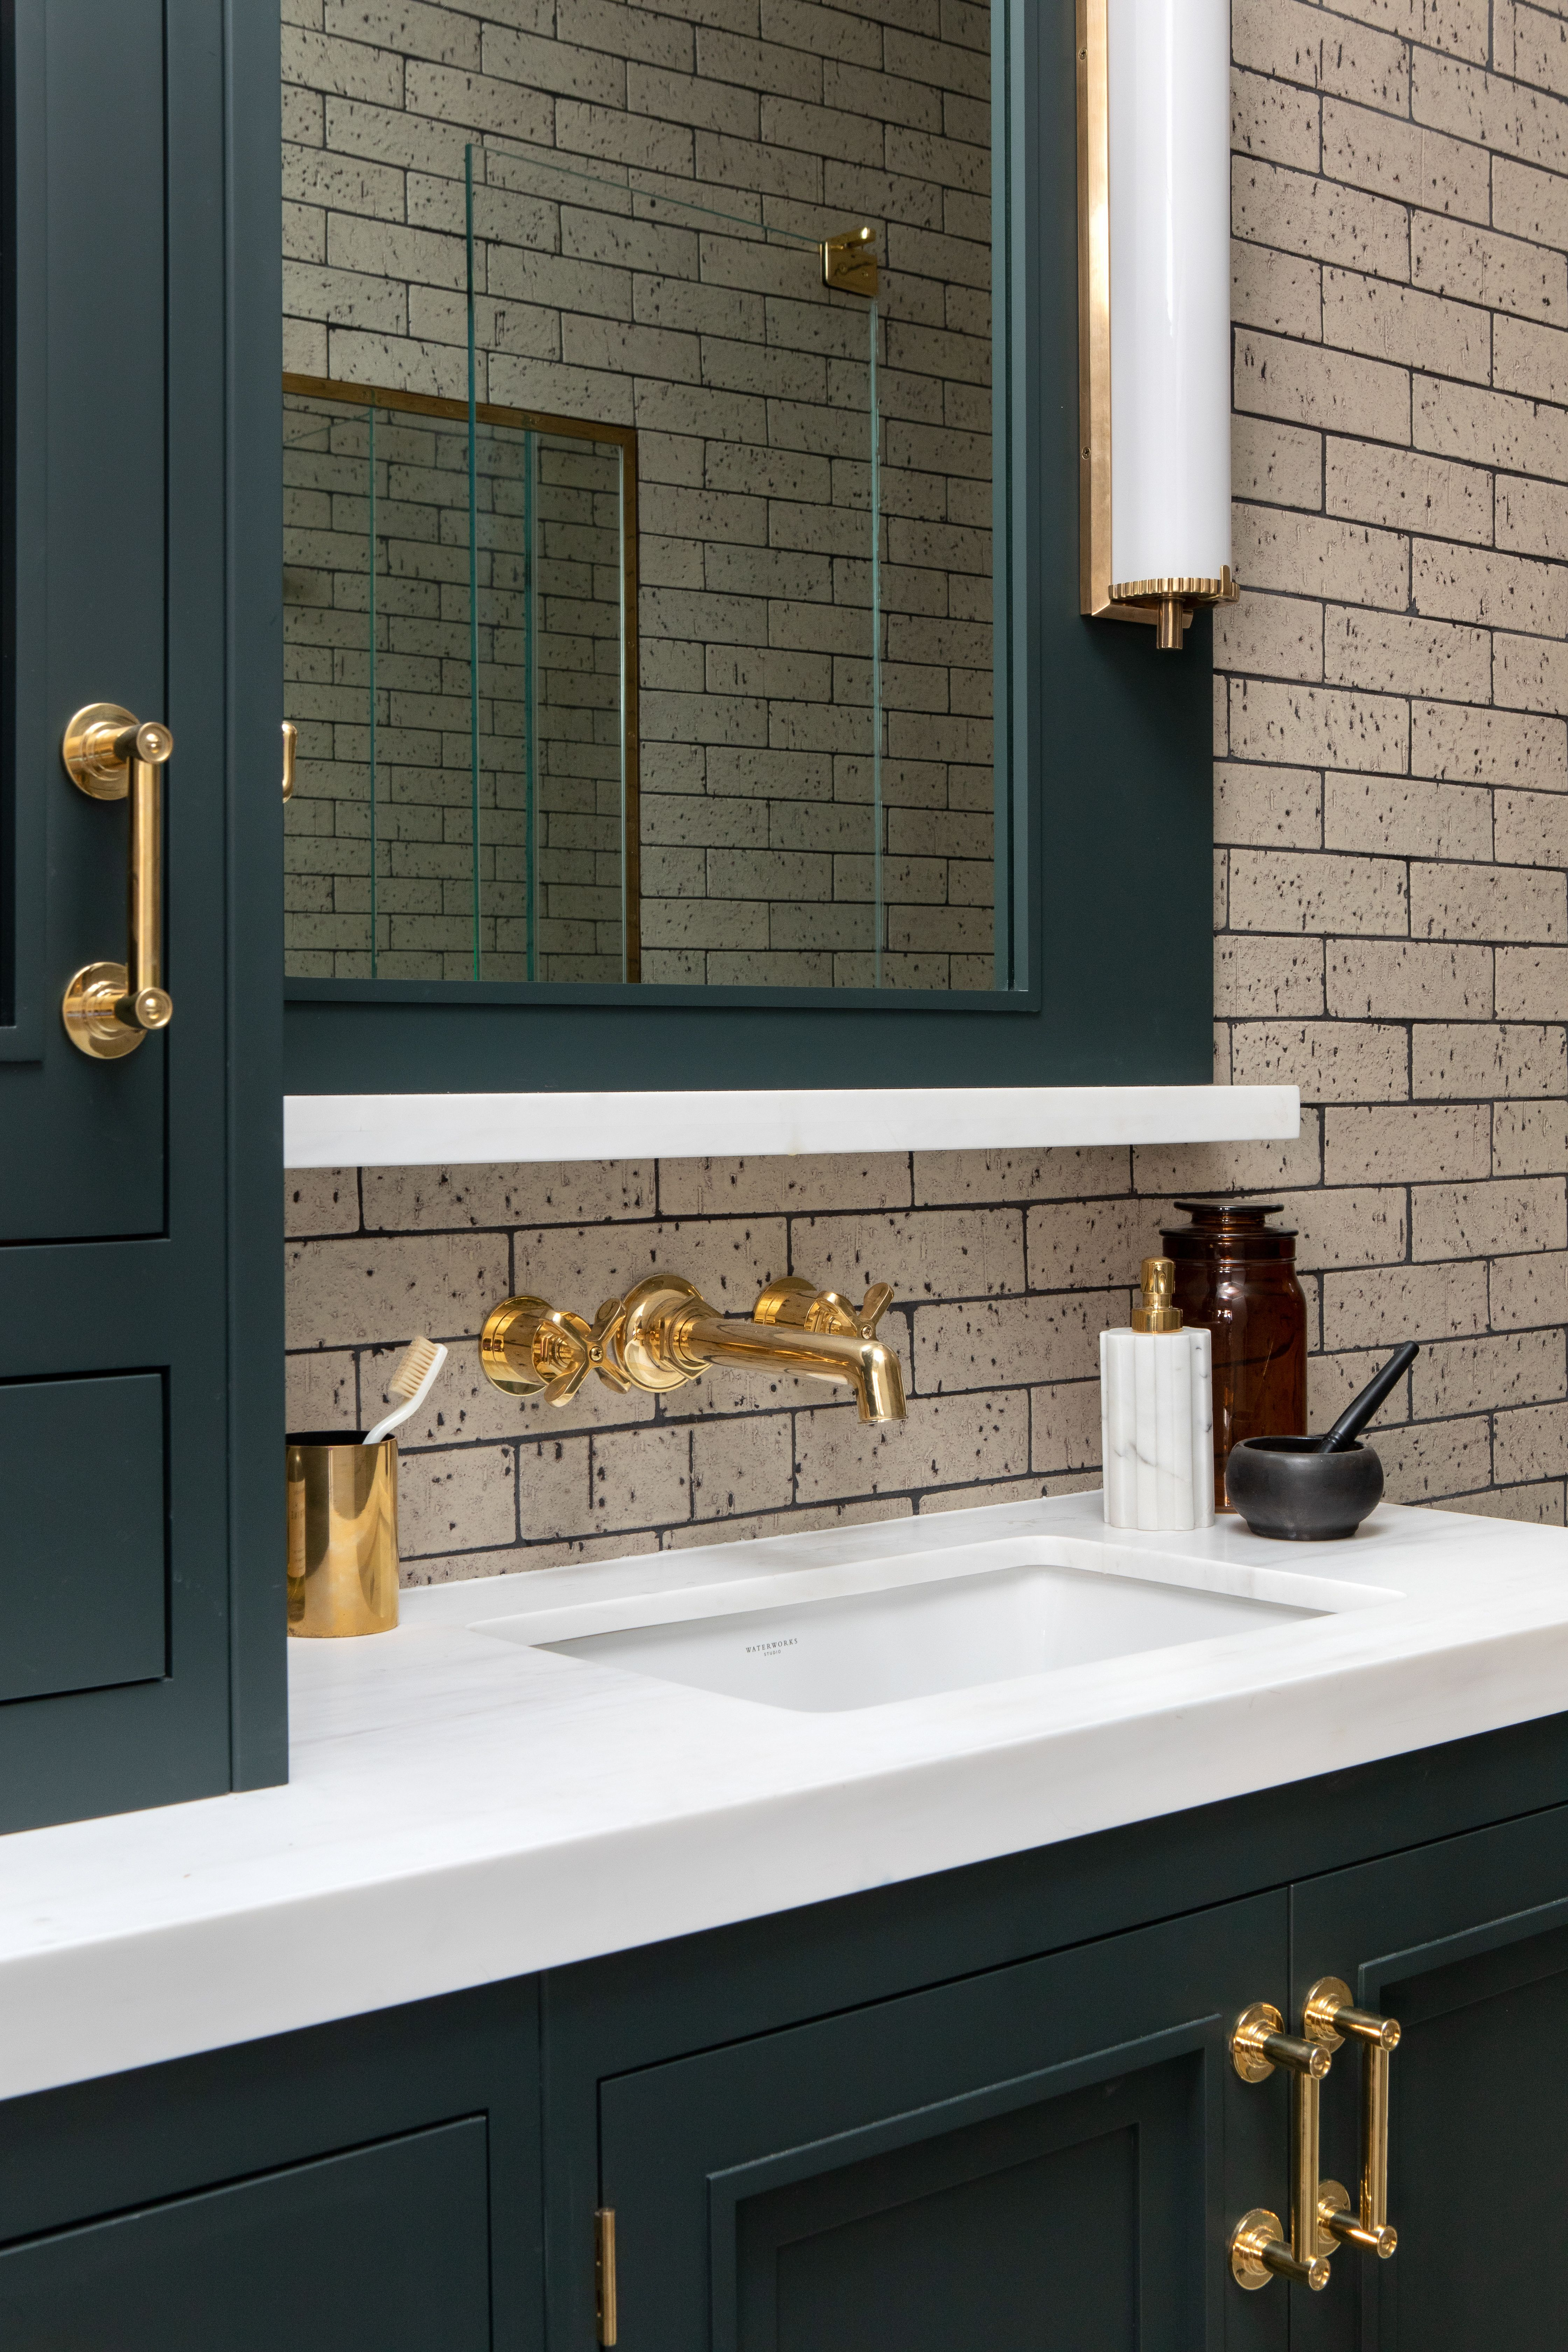 Dark Green Vanity Raychel Wade Design Green Cabinets Bathroom Dark Green Bathrooms Bathroom Wall Colors [ 6720 x 4480 Pixel ]